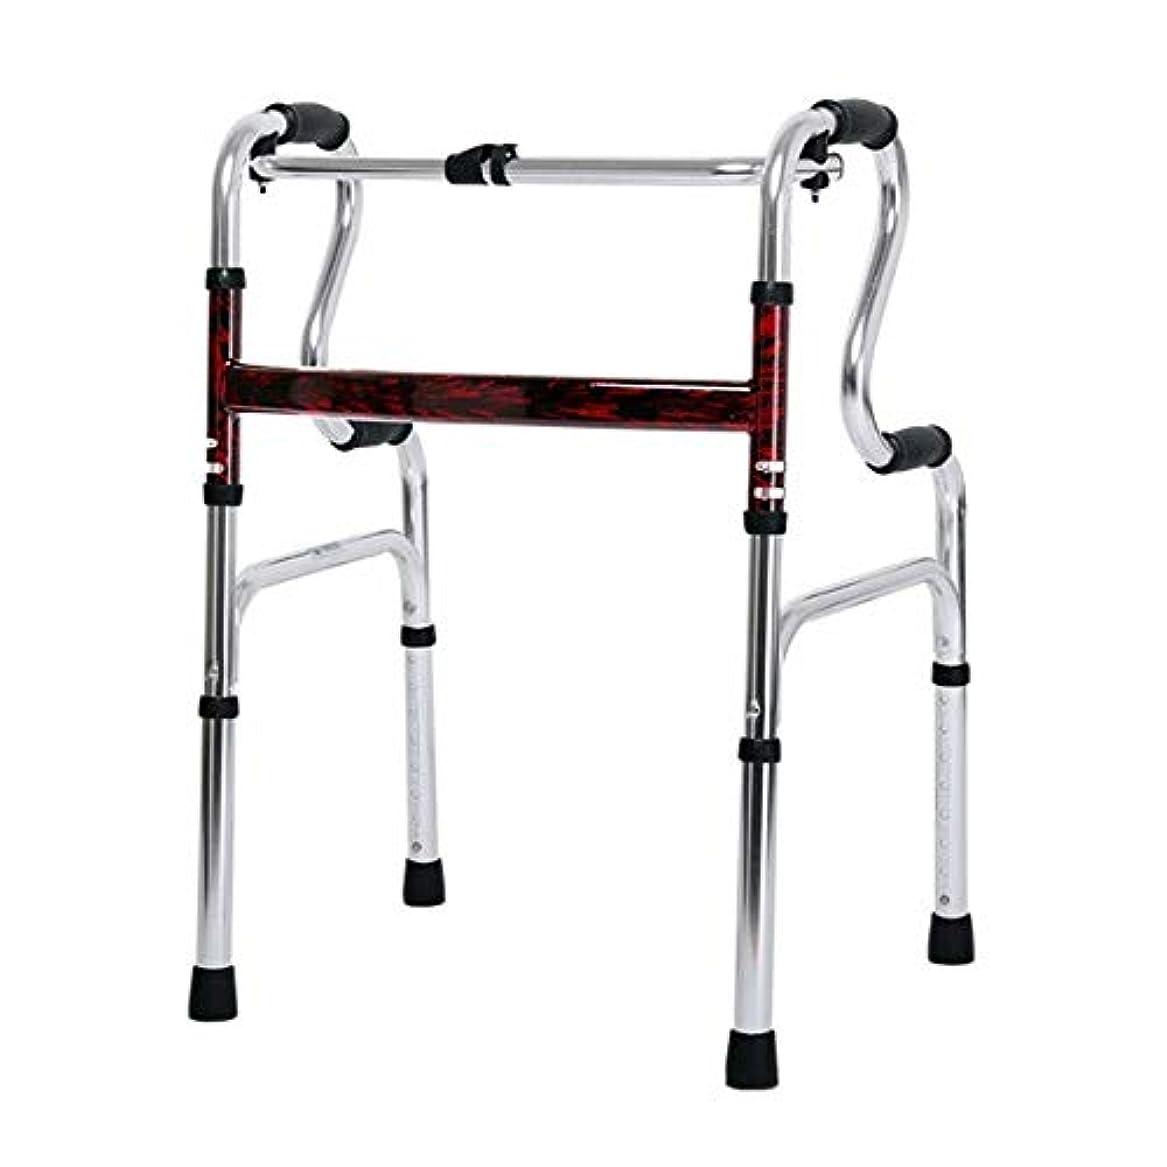 エイリアス実用的伝染性リハビリテーション歩行器、多機能高齢者歩行ブラケット、身体障害者用両腕歩行器 (Color : 銀)